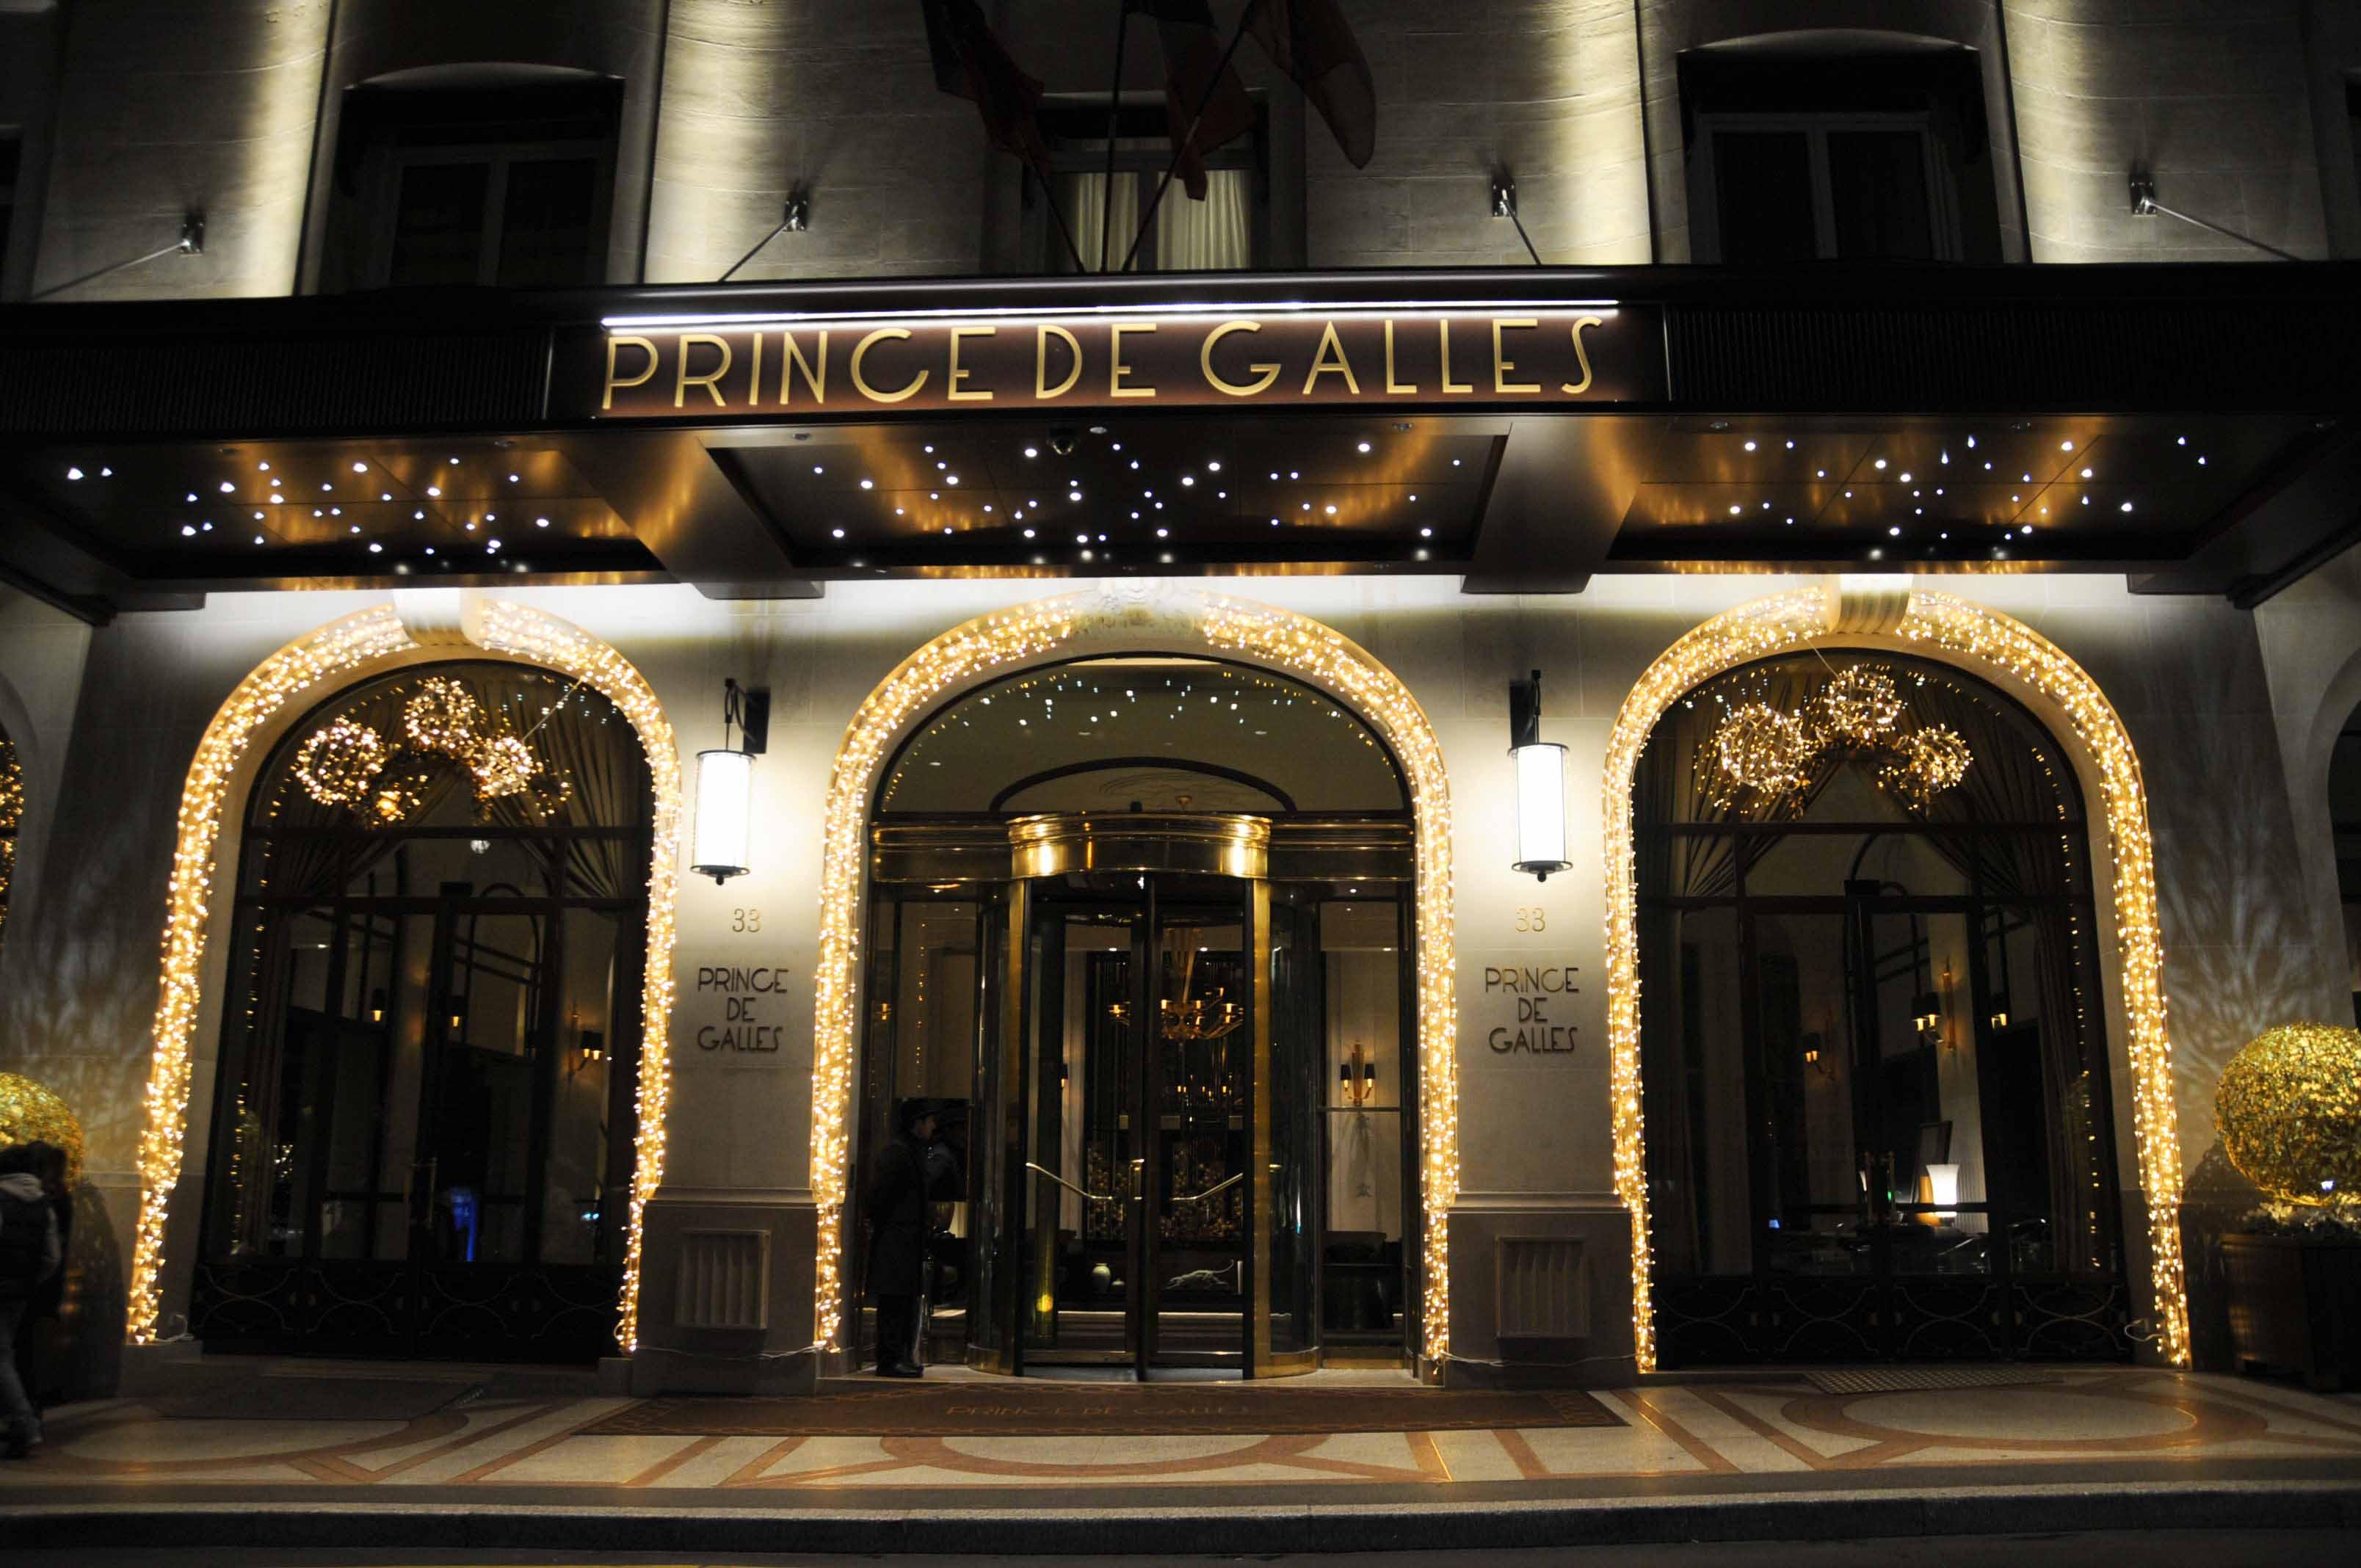 Dner Au Restaurant La Scne Prince De Galles Par